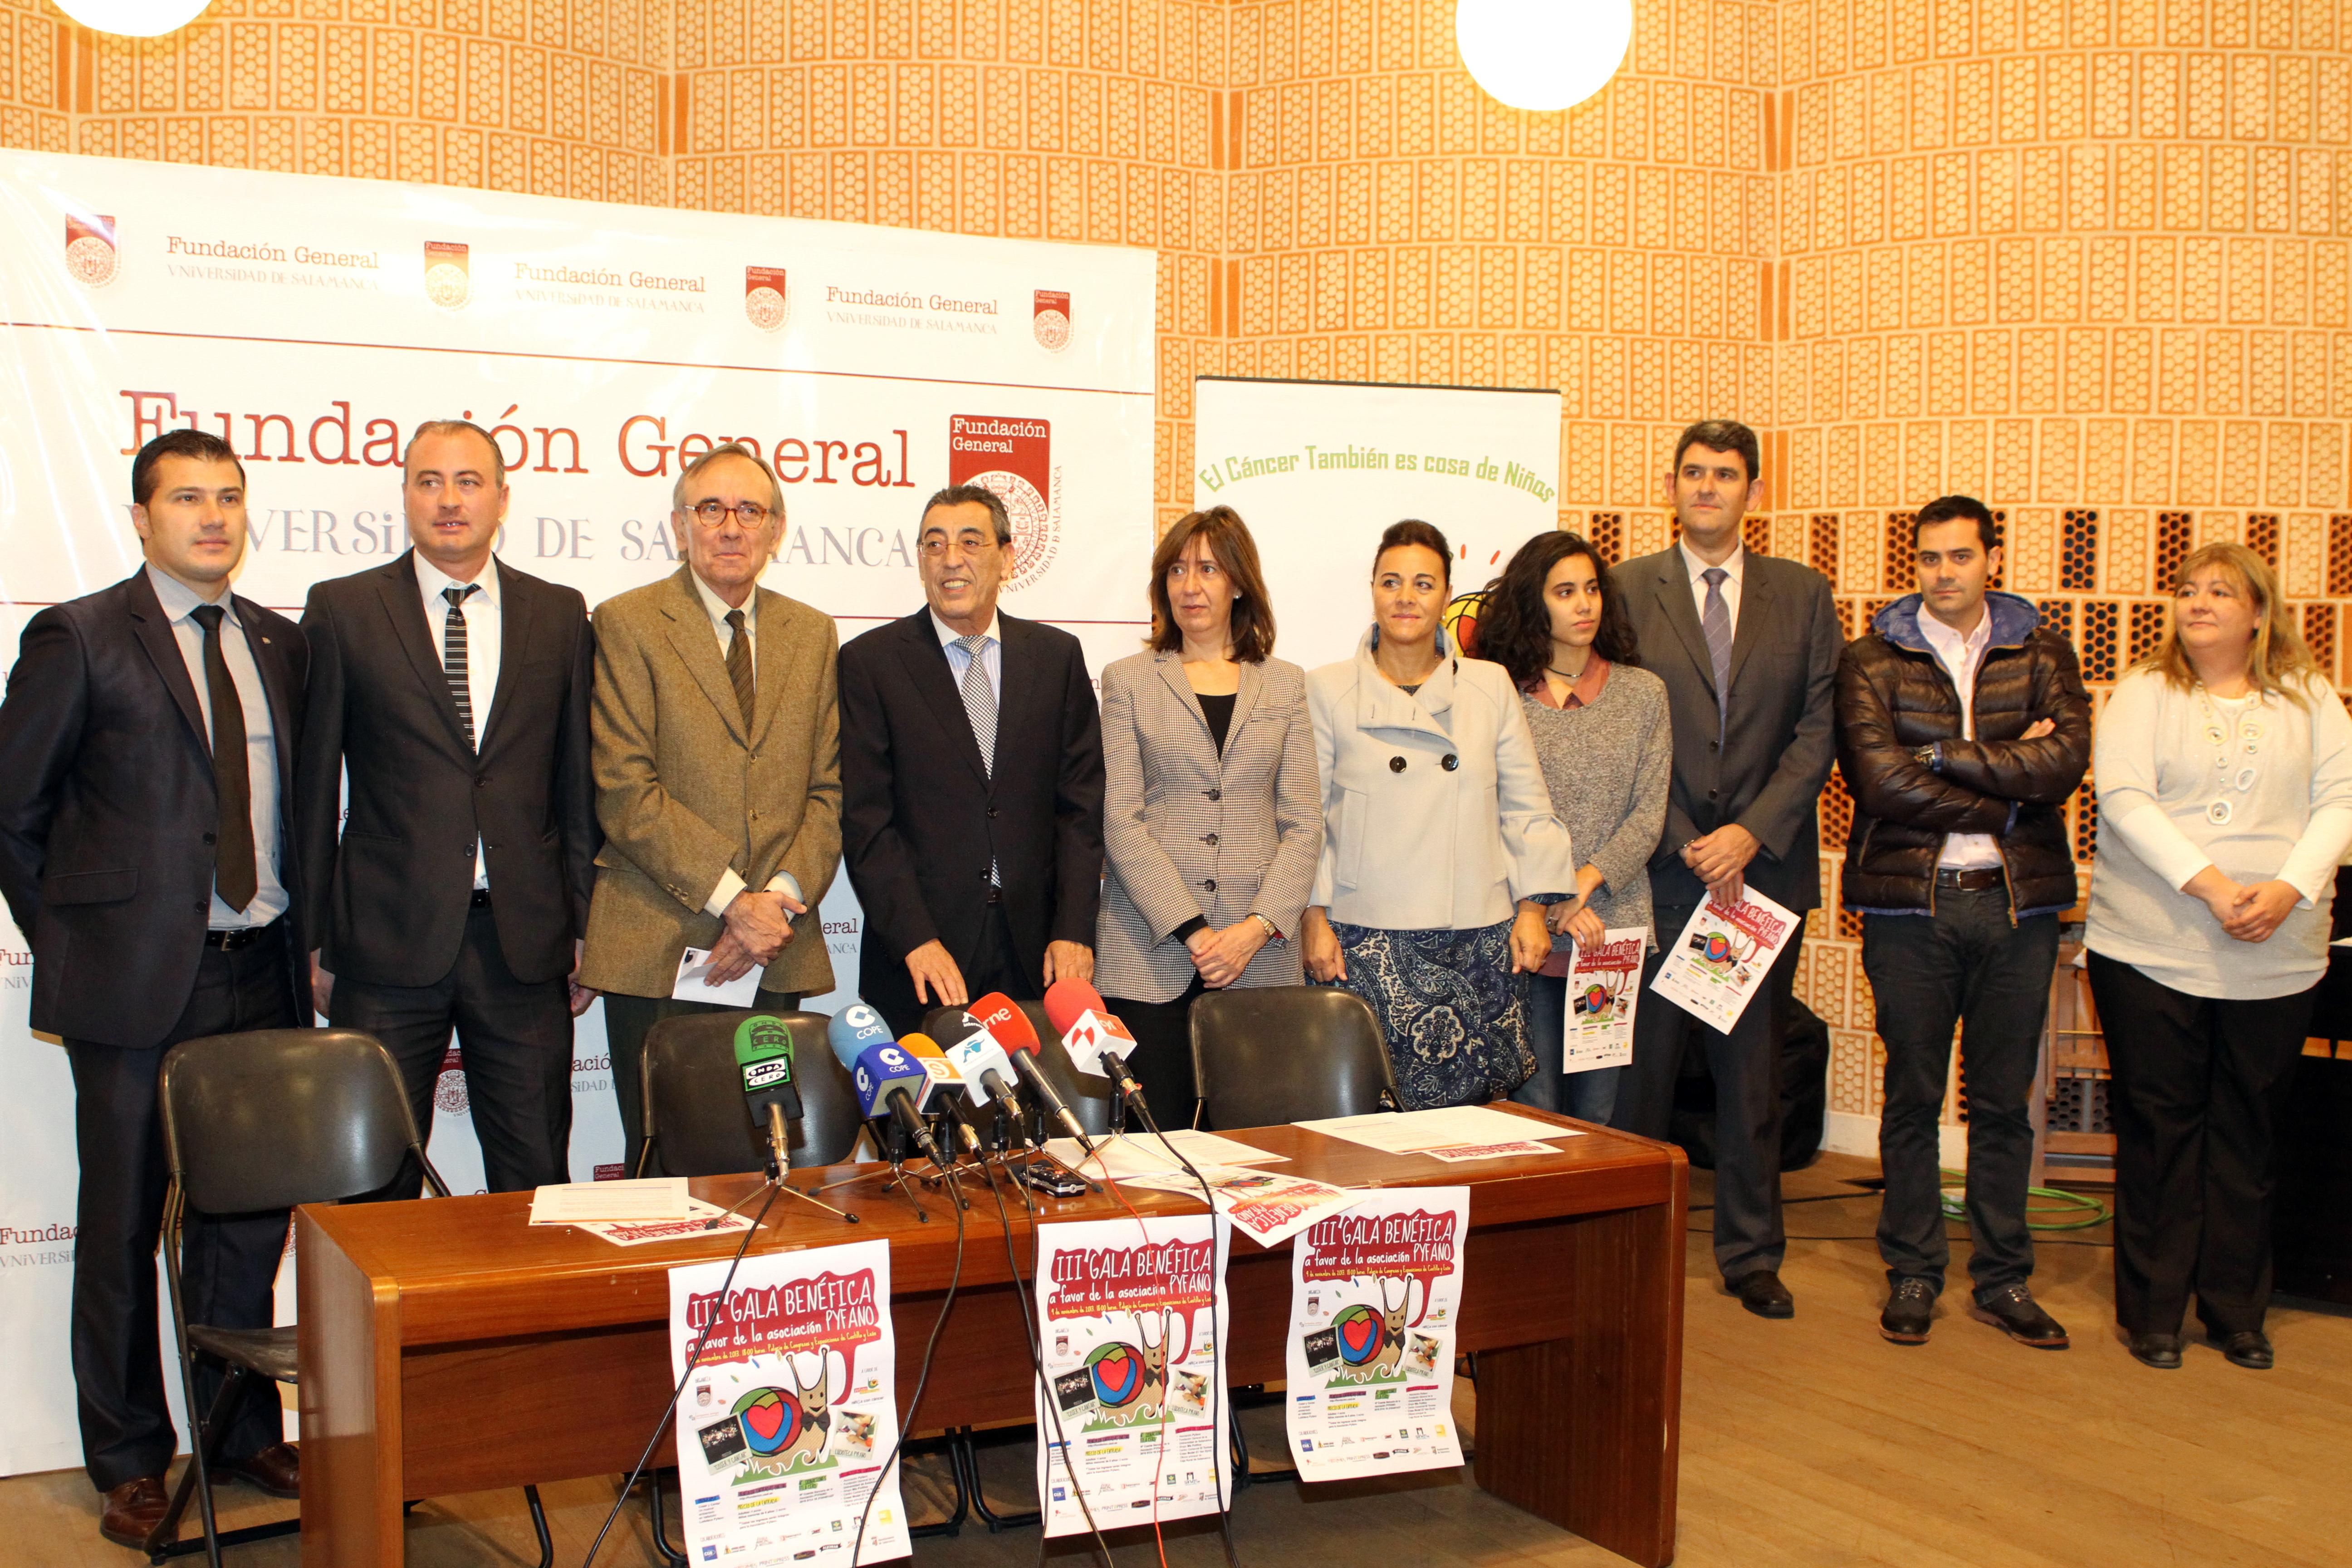 La Fundación General de la Universidad de Salamanca colabora en la III Gala Benéfica a favor de la Asociación PYFANO